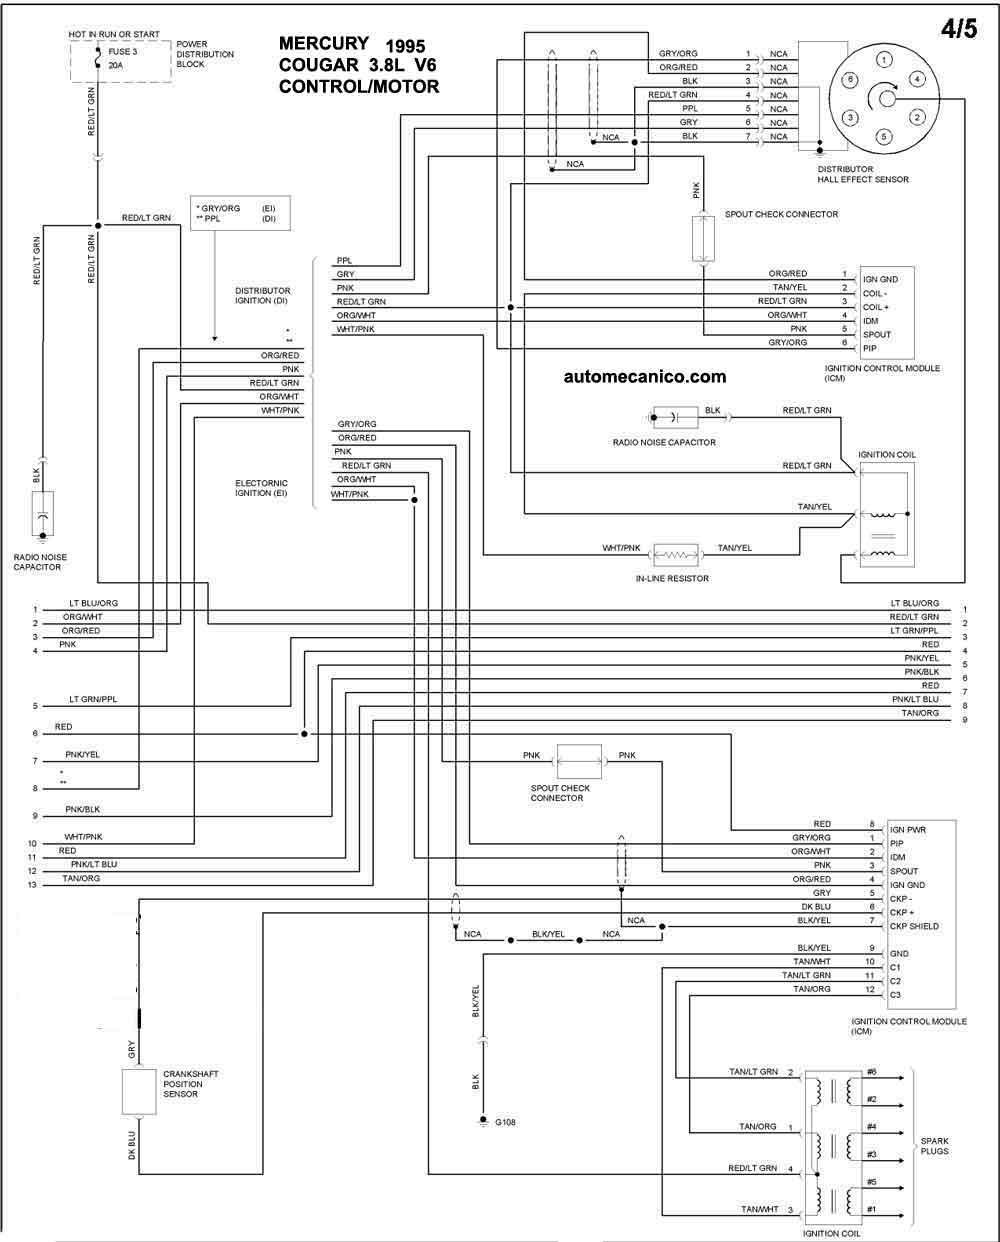 mercury 1995 - diagramas control del motor